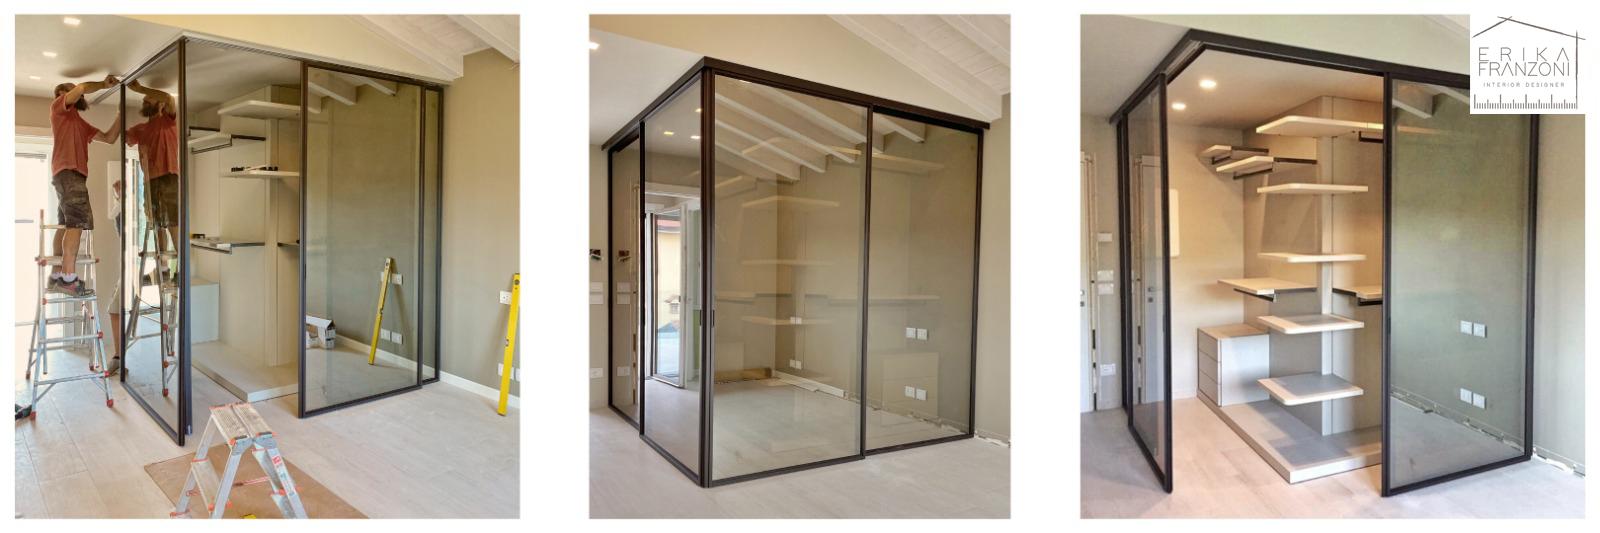 Come scegliere la cabina armadio giusta per te? Erika Franzoni Interior Designer Intuizioni d'arredo